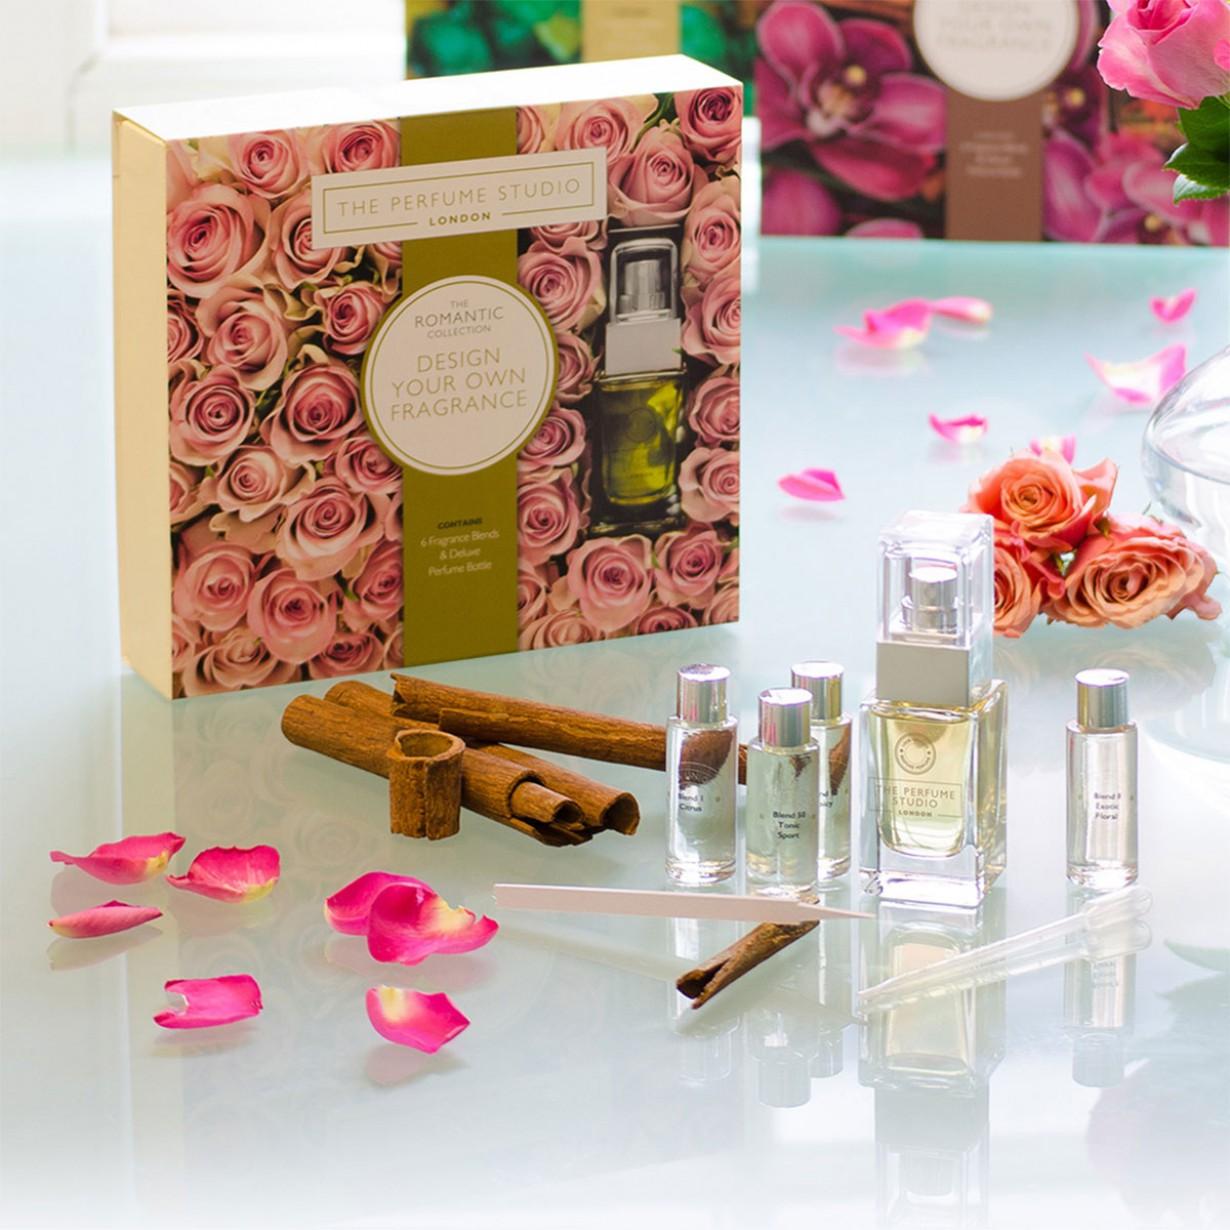 Set pour créer votre propre parfum